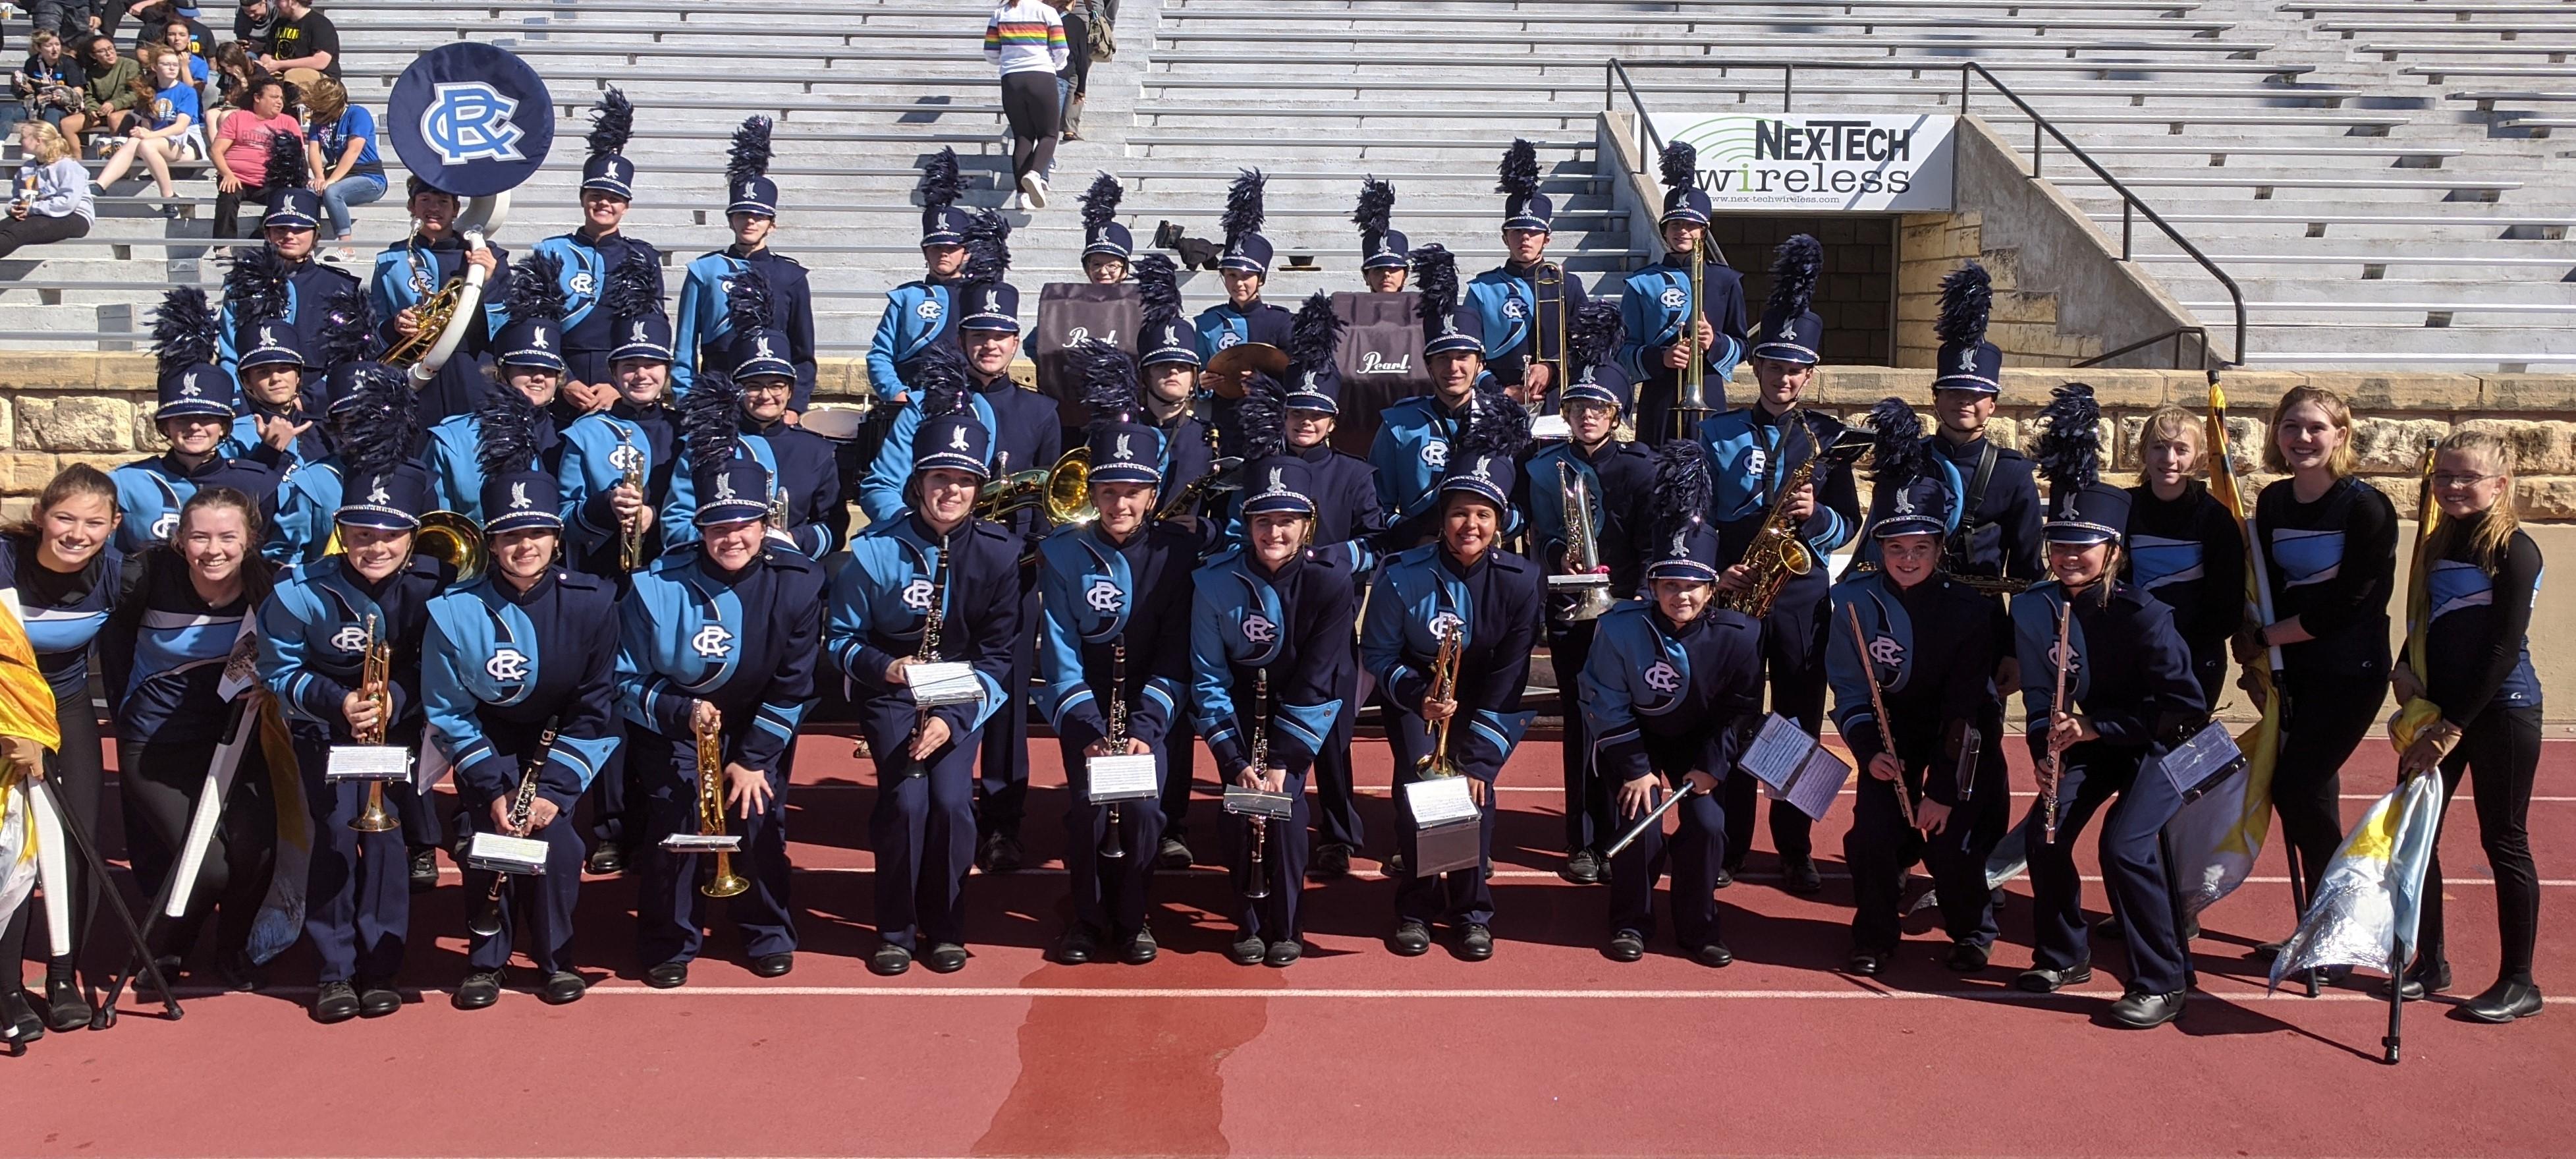 HS Band at FHSU